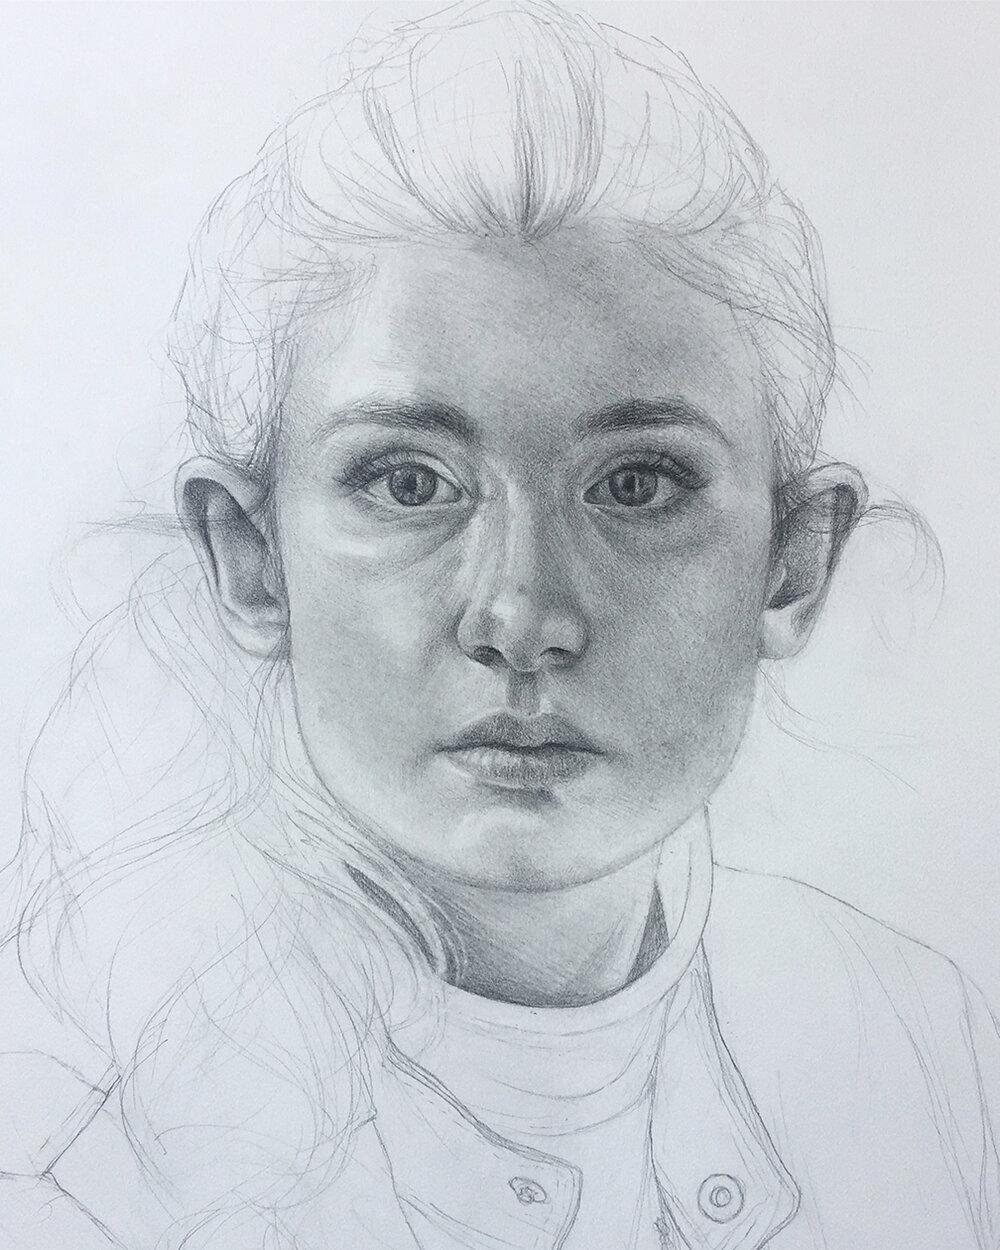 Life-Size Self Portrait (In Progress)